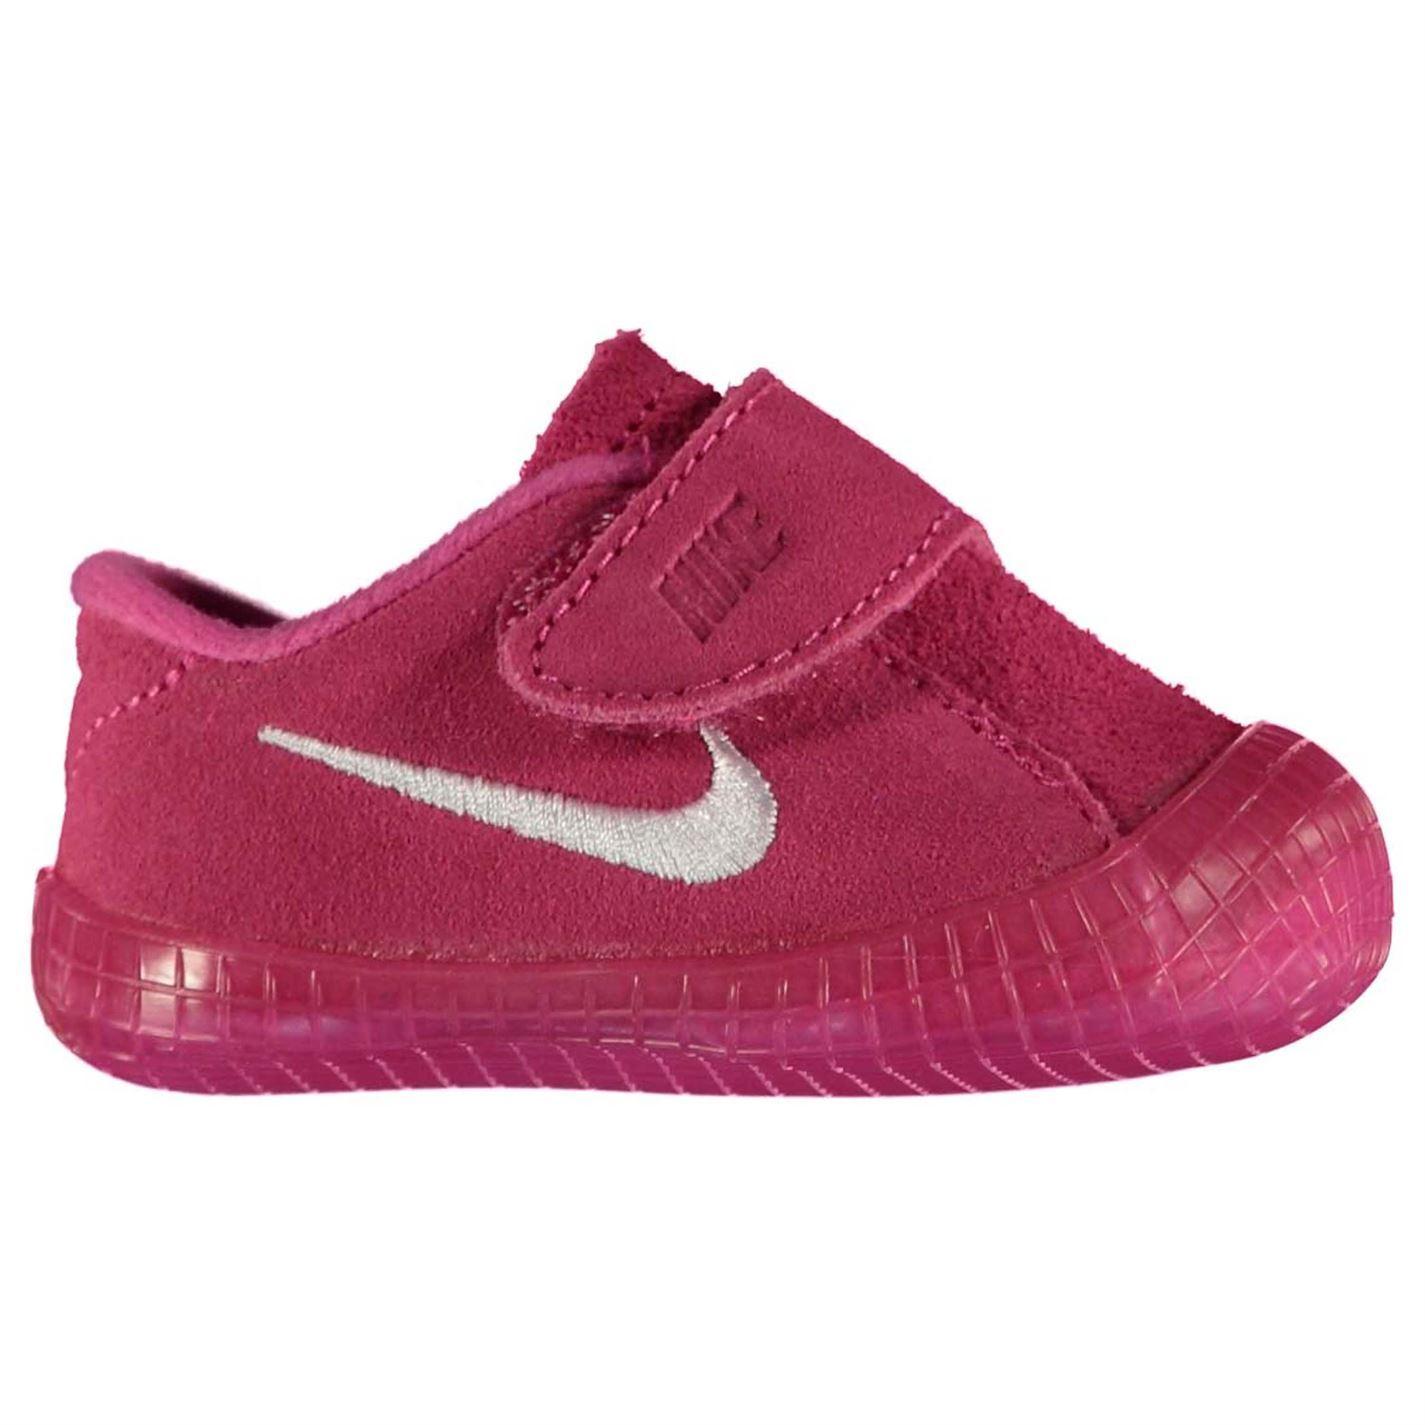 Nike Waffle 1 Crib Shoes Infant Baby Girls Pink/White ...